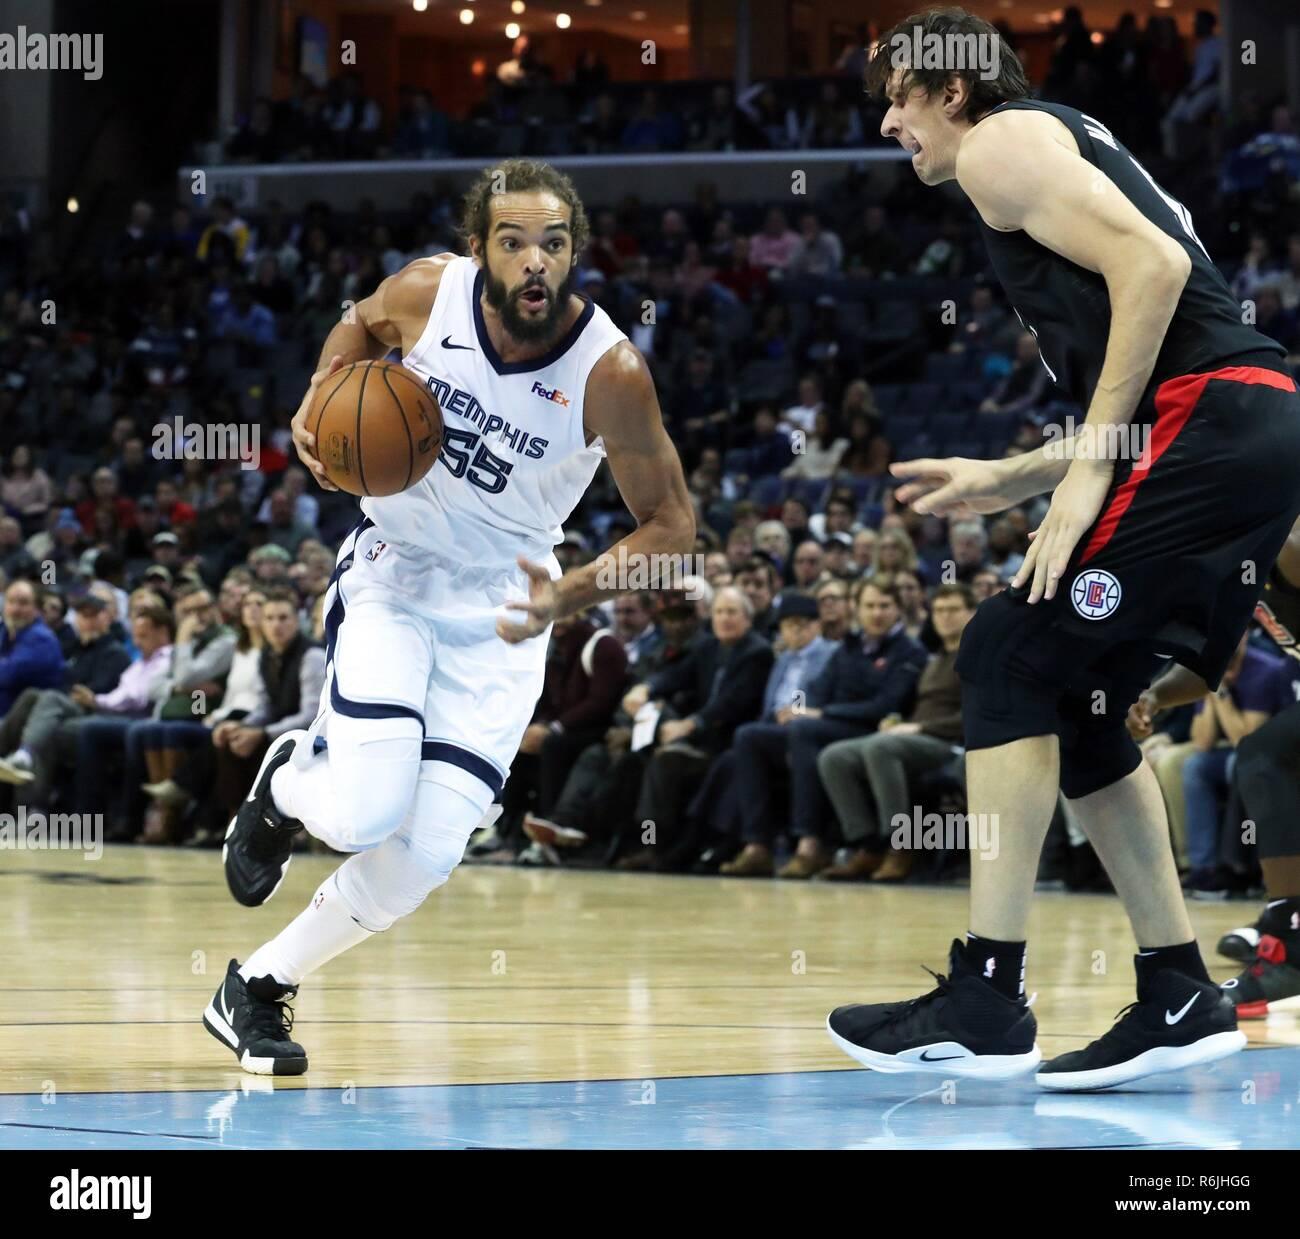 meilleures baskets 546d6 6f300 Memphis, United States. 05th Dec, 2018. Memphis Grizzlies ...